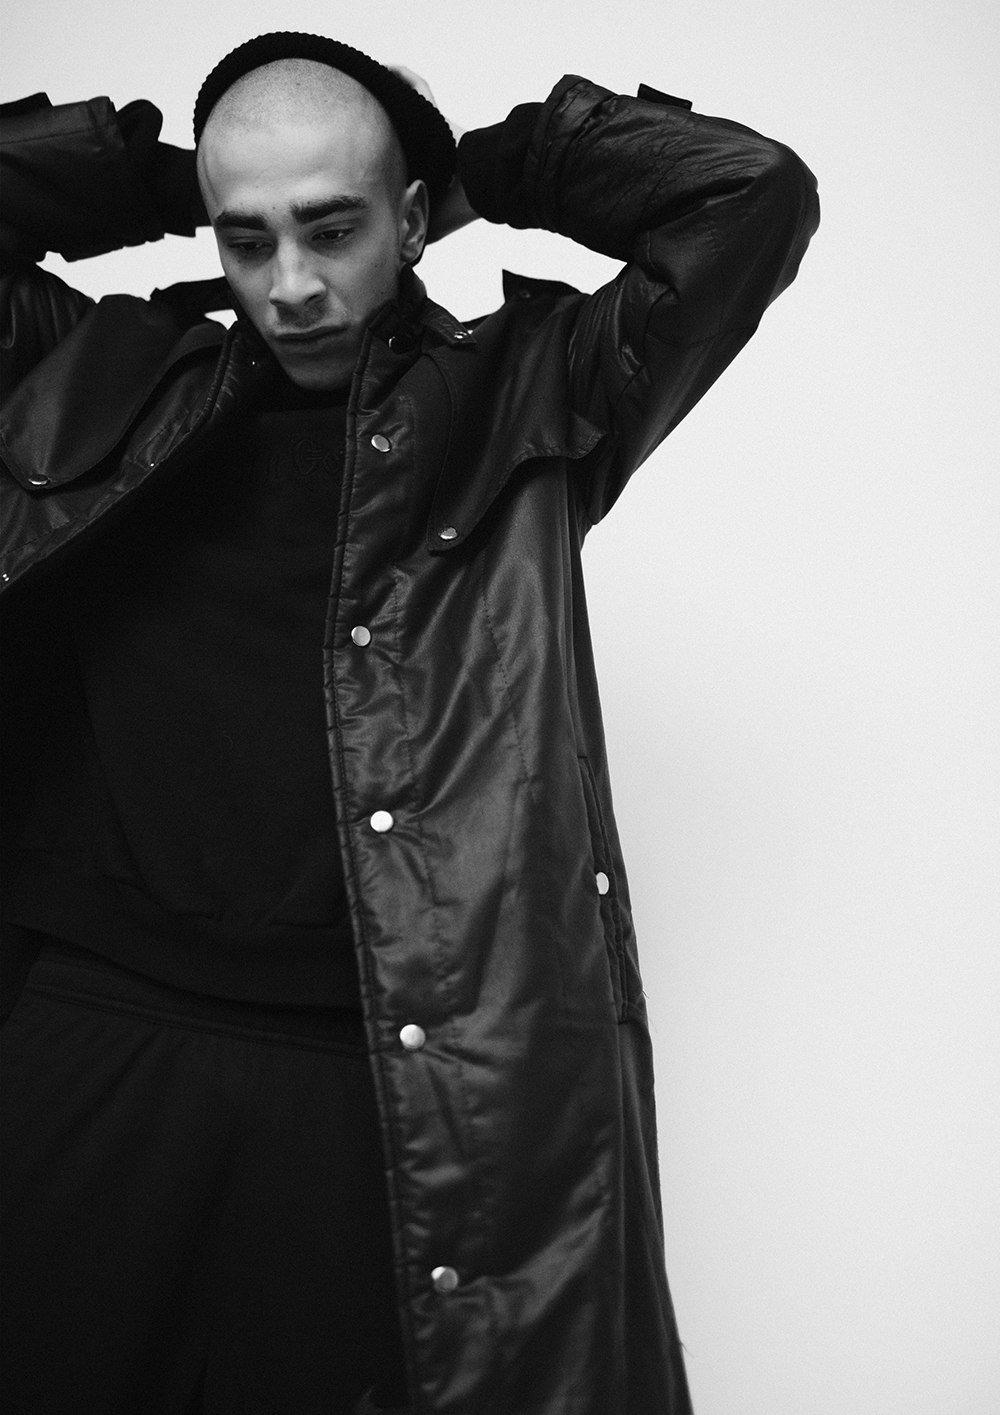 Почему все говорят про новый альбом Хаски | Канобу - Изображение 4